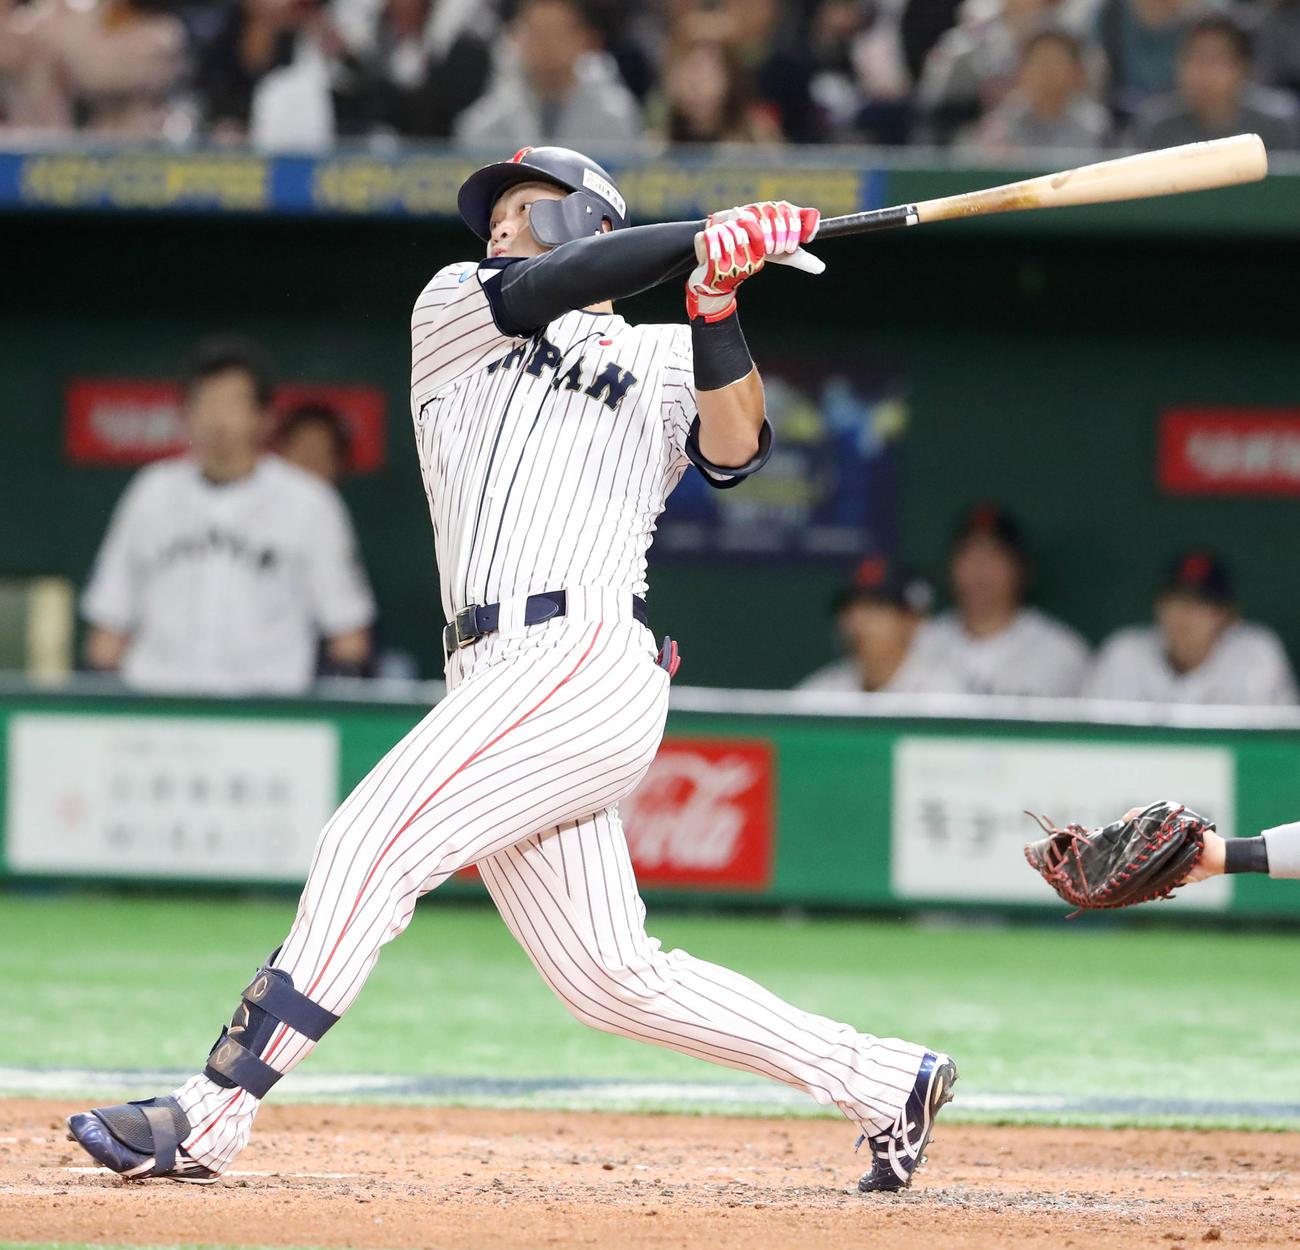 8部門でトップ!25歳鈴木誠也あるぞ最年少MVP - プロ野球 : 日刊スポーツ